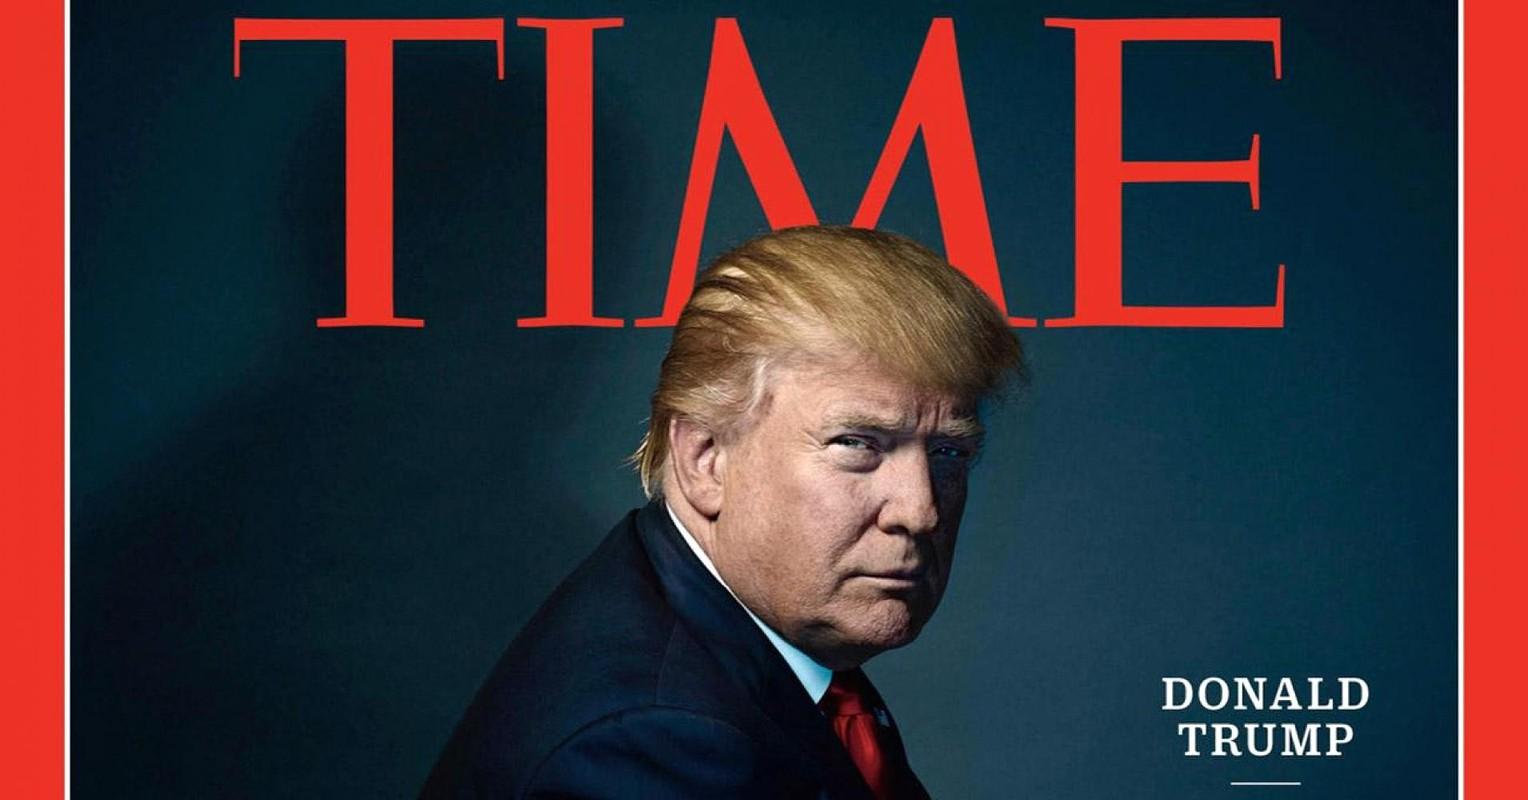 Nhung dau moc quan trong cua Tong thong My dac cu Donald Trump